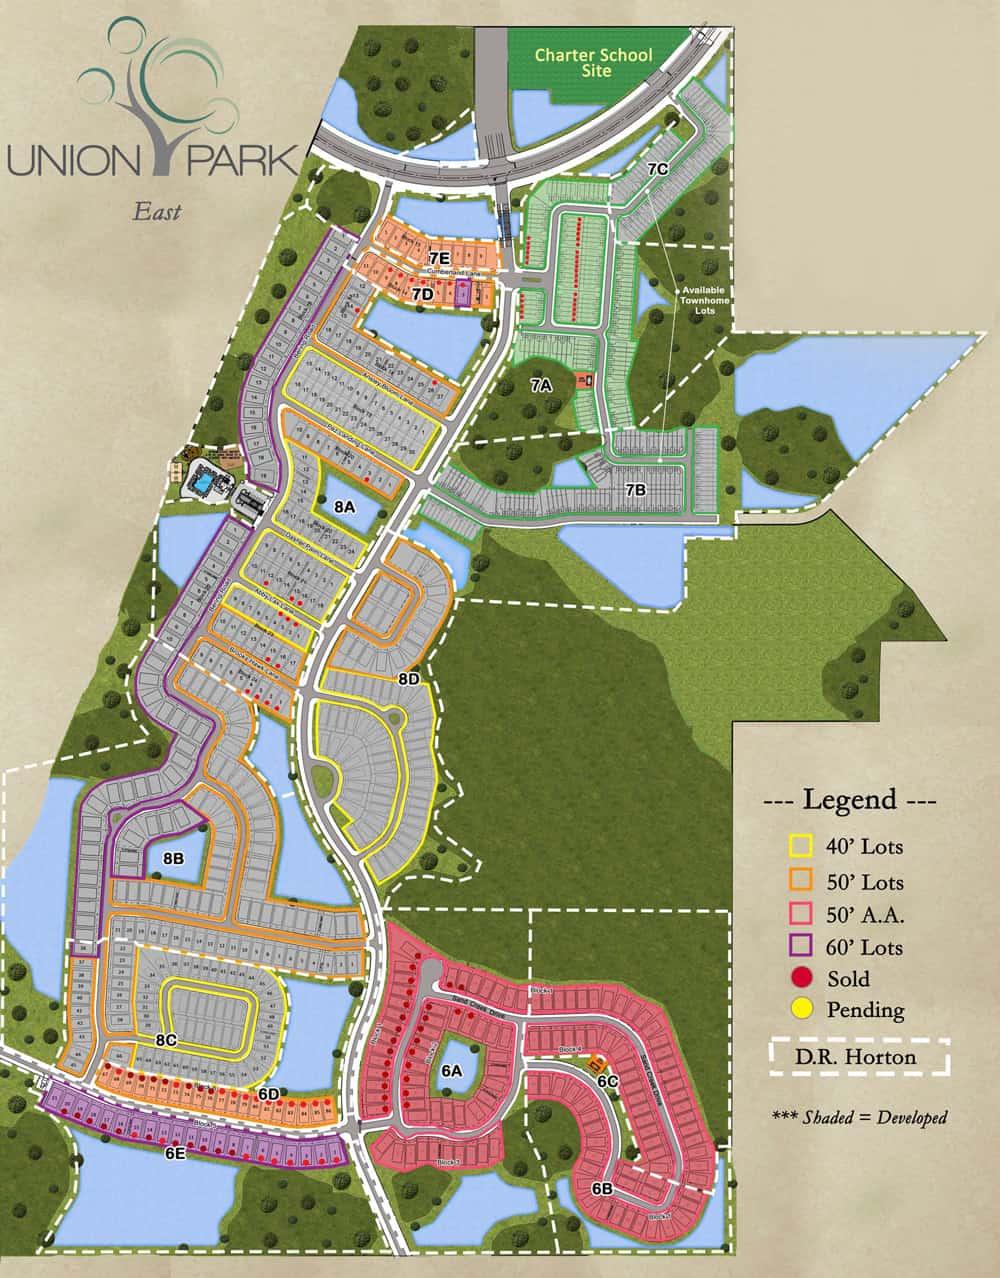 Union Park – Live Life Connected!